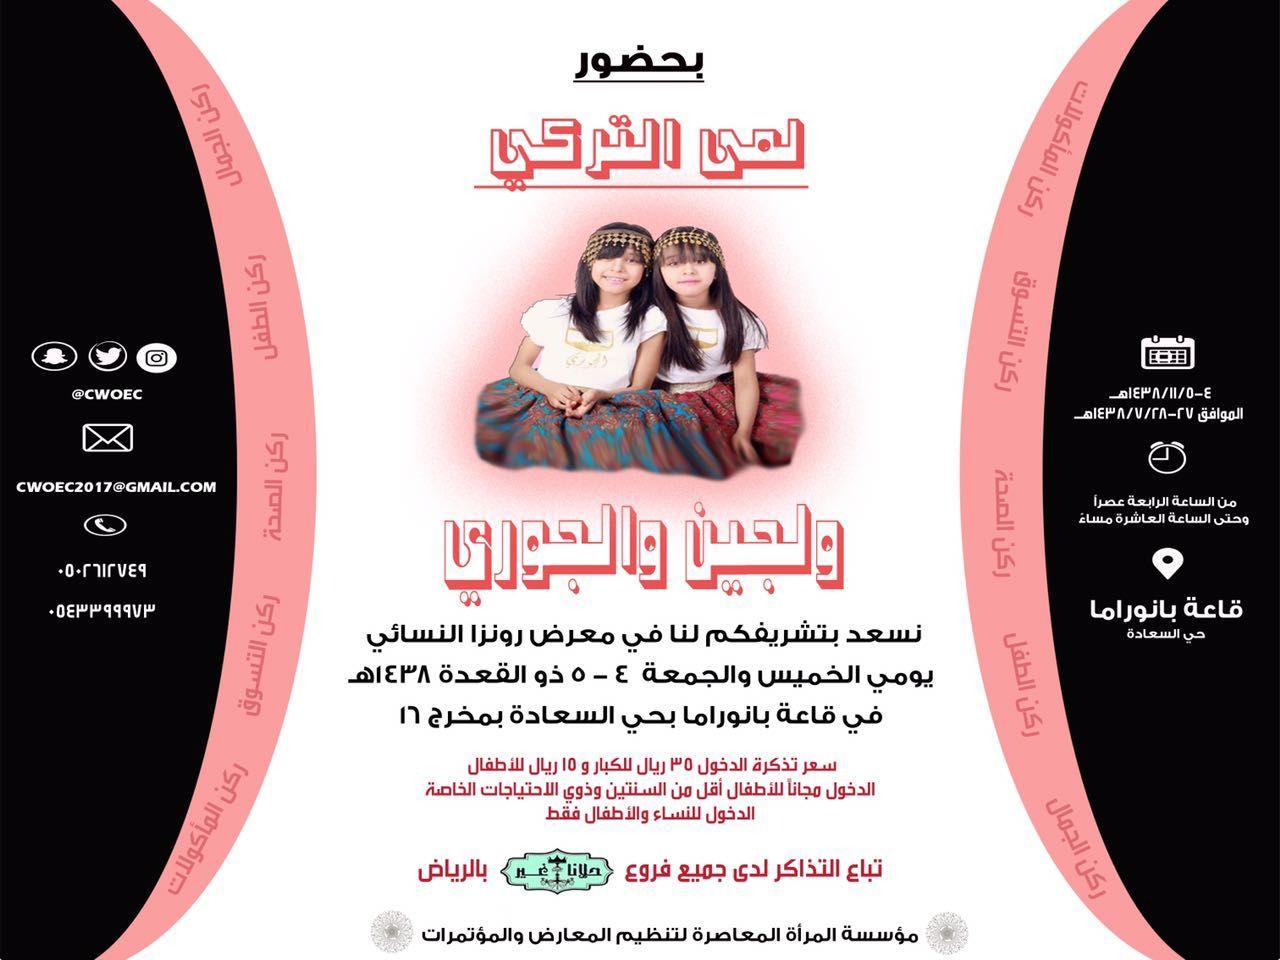 معلومات عن الاإعلان معرض رونزا النسائي يوم الخميس والجمعة 4و5 ذو القعدة Movie Posters Poster Movies